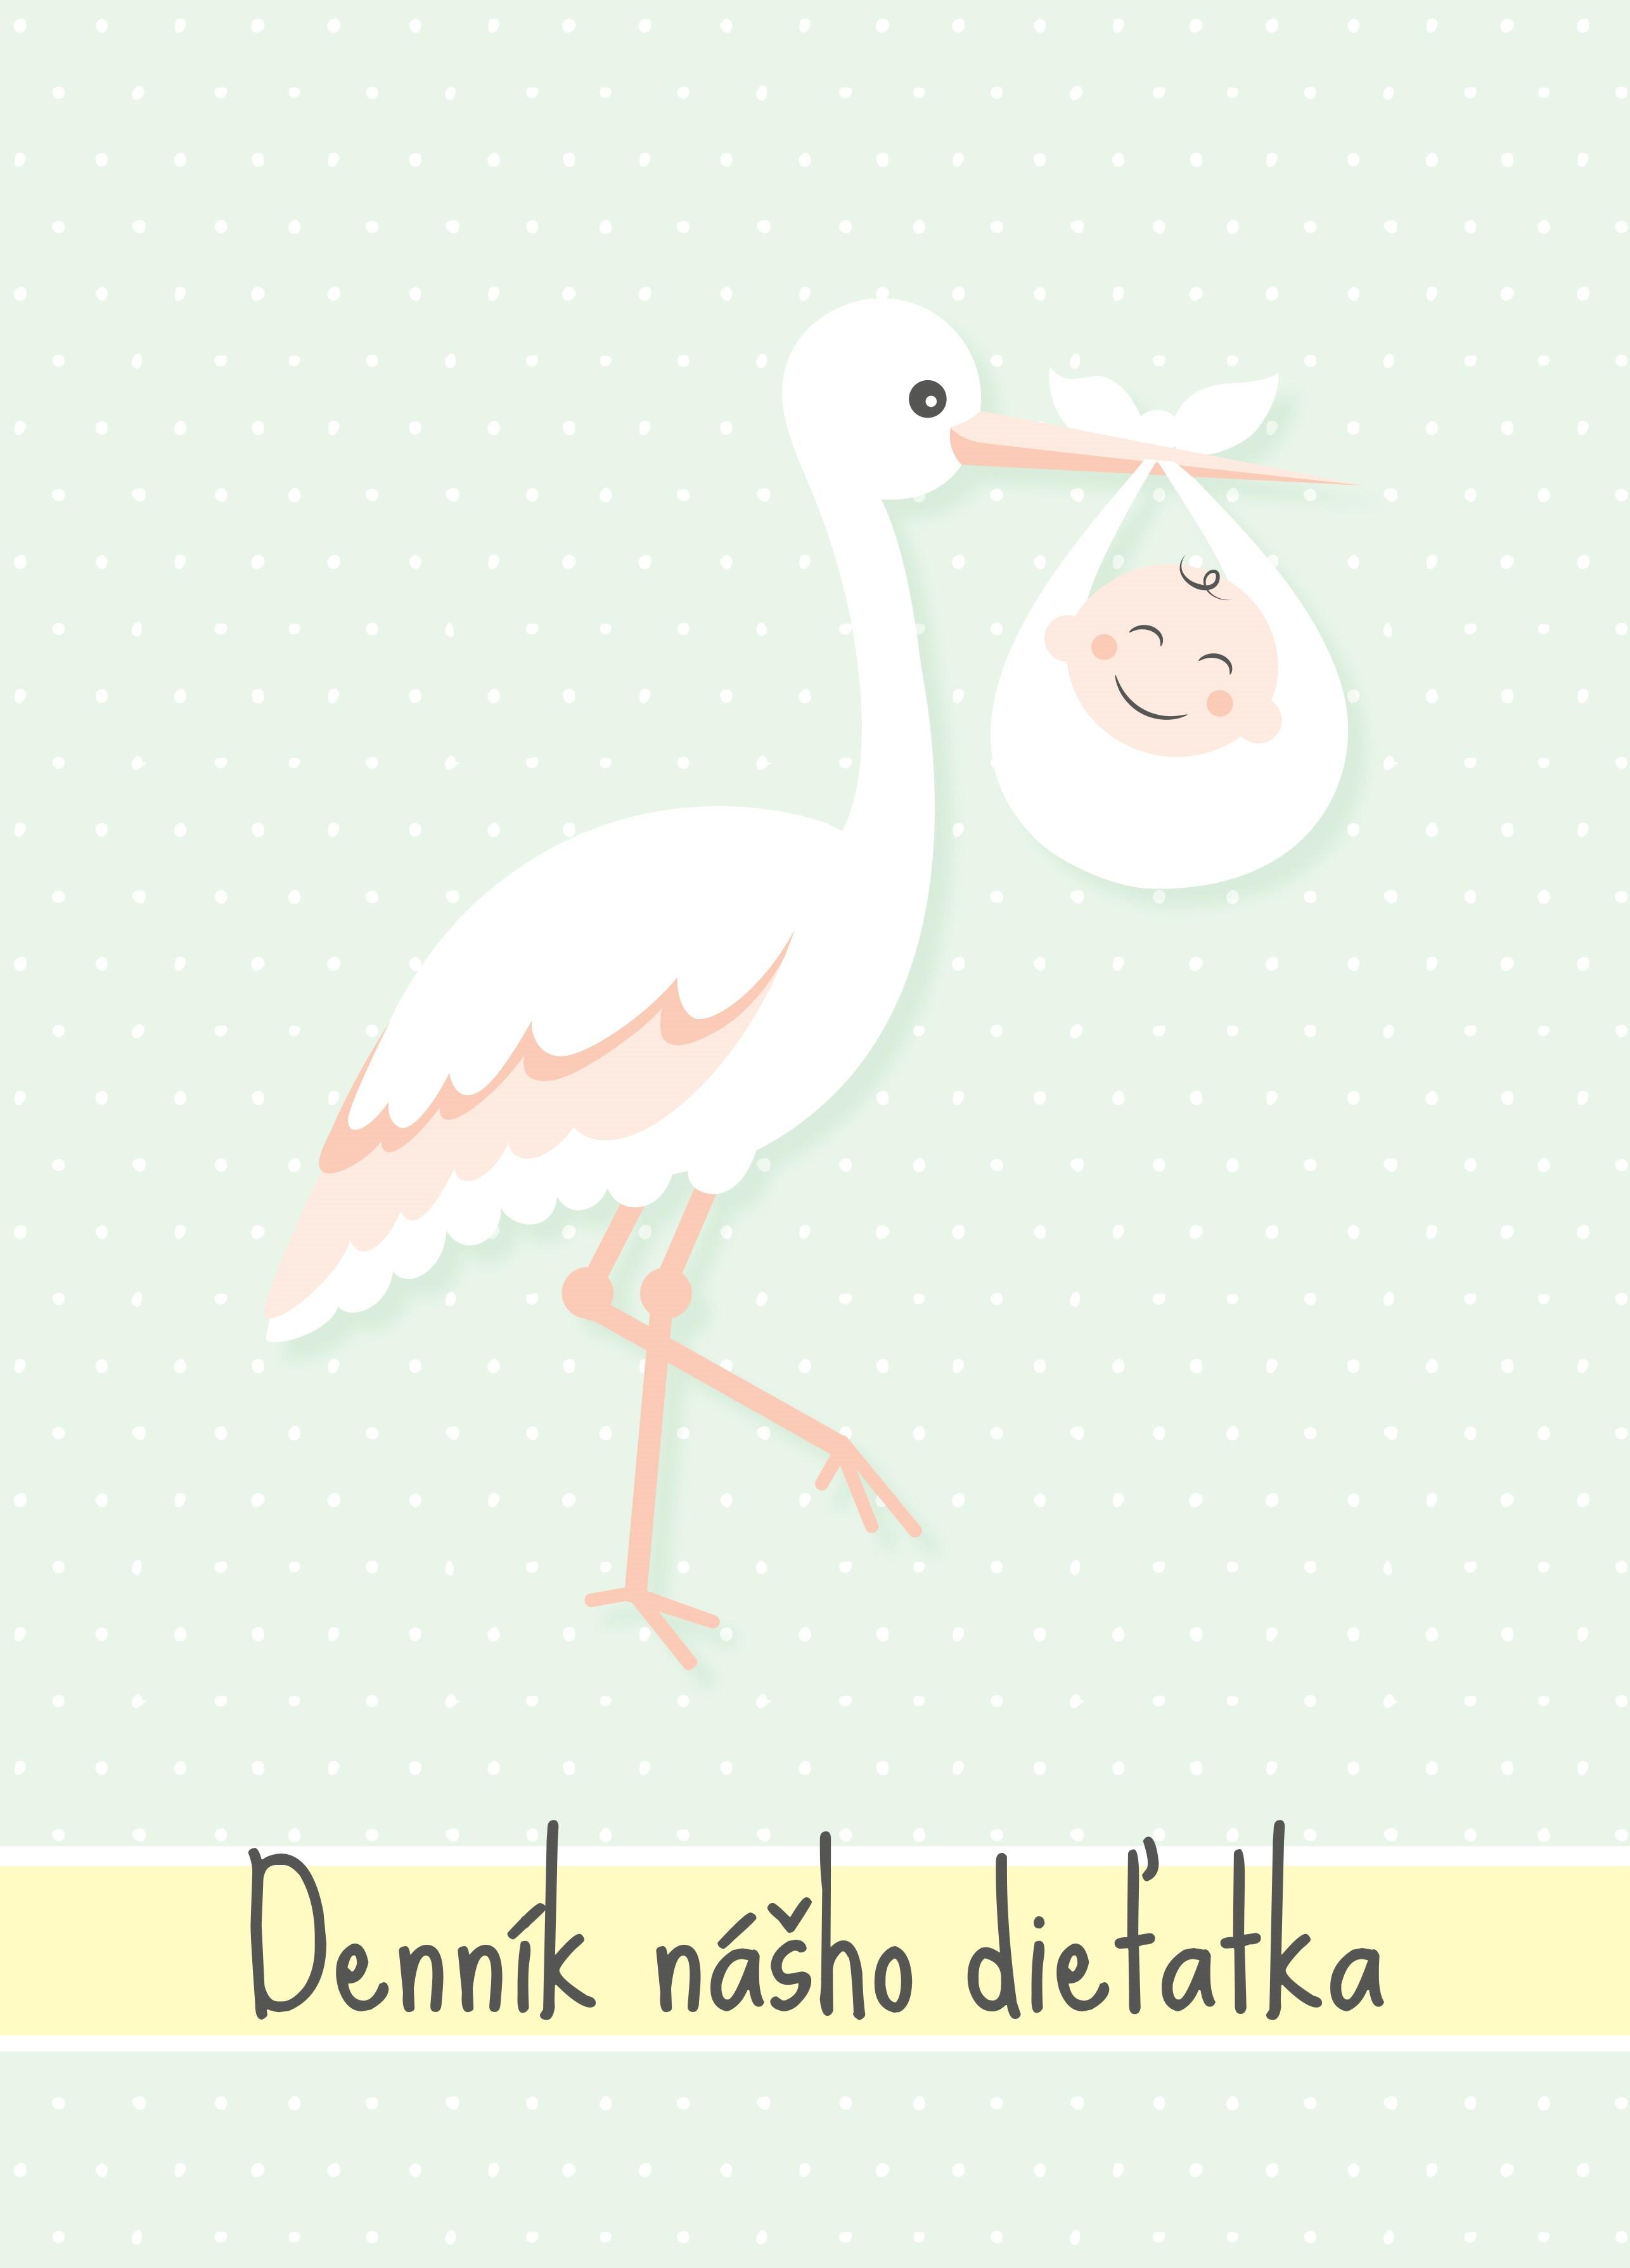 Denník nášho dieťatka